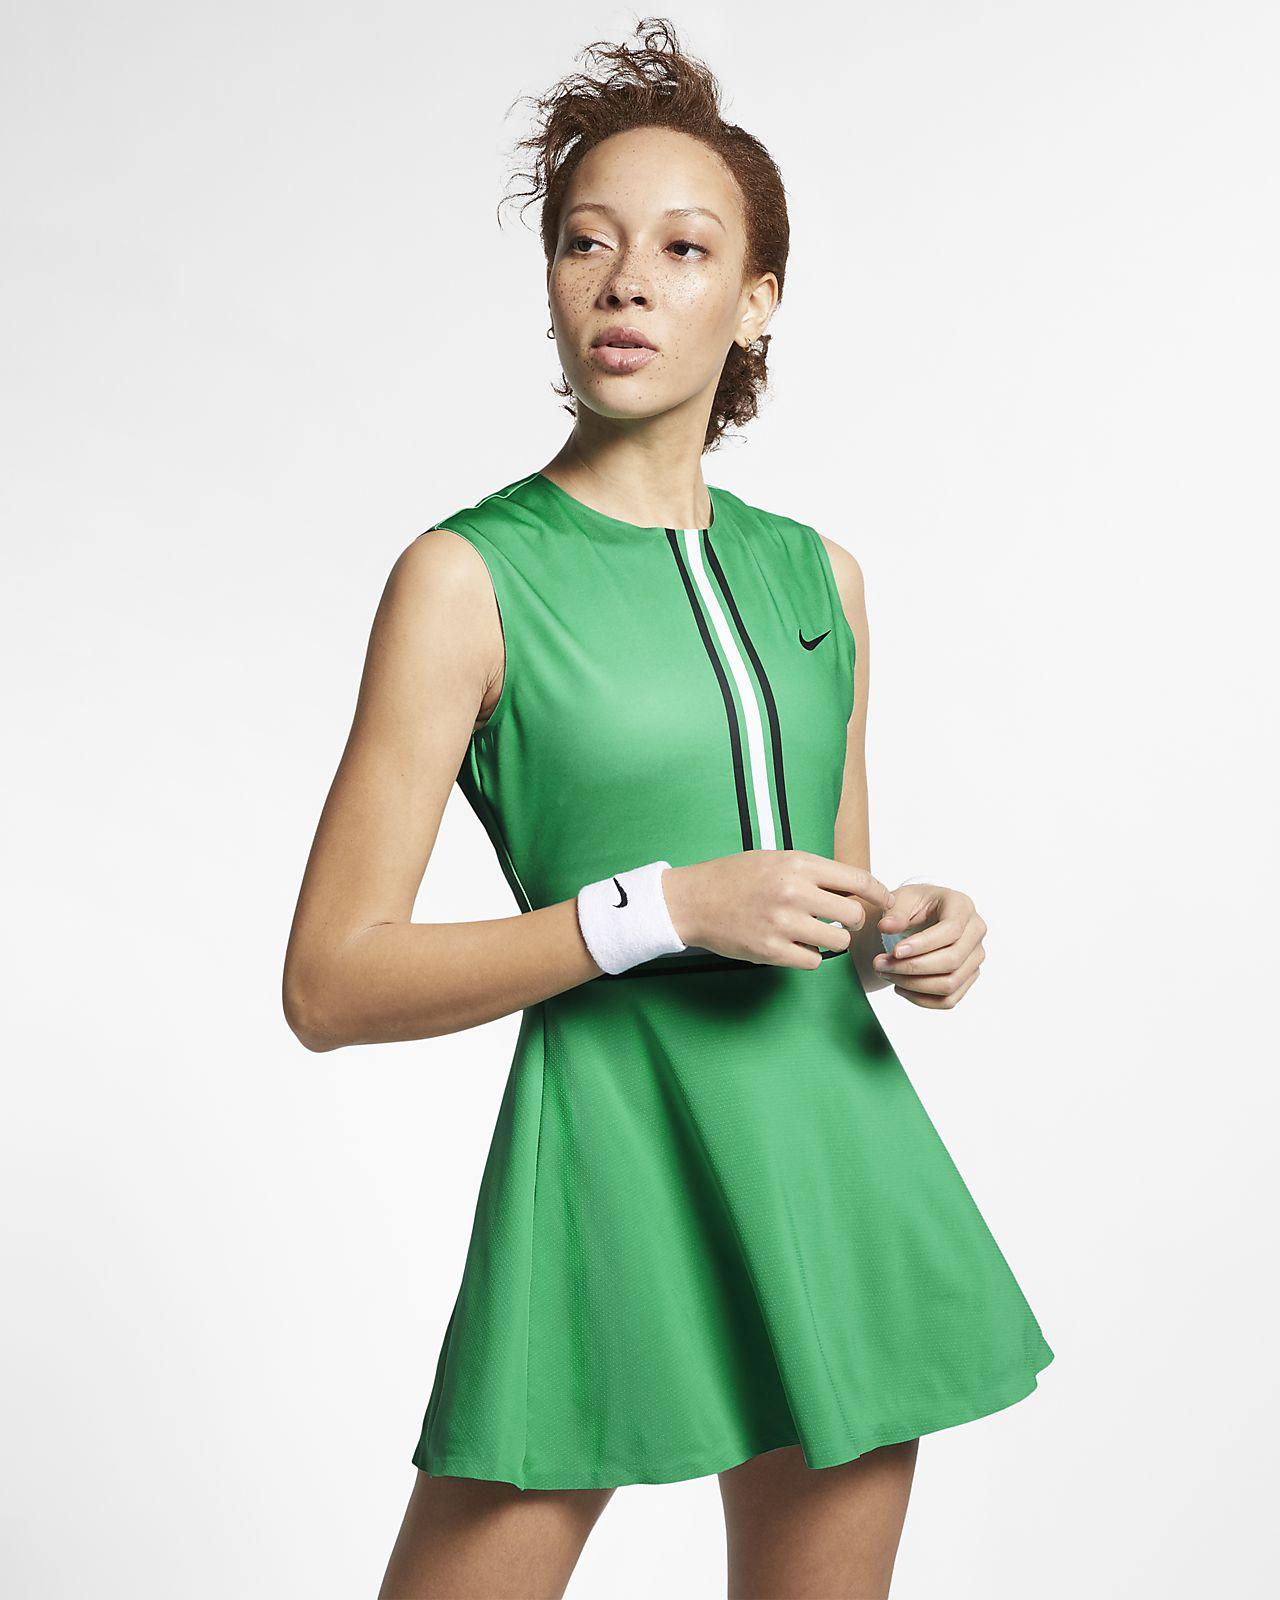 Low Resolution Dámské tenisové šaty NikeCourt Dámské tenisové šaty NikeCourt 613c8fcab7